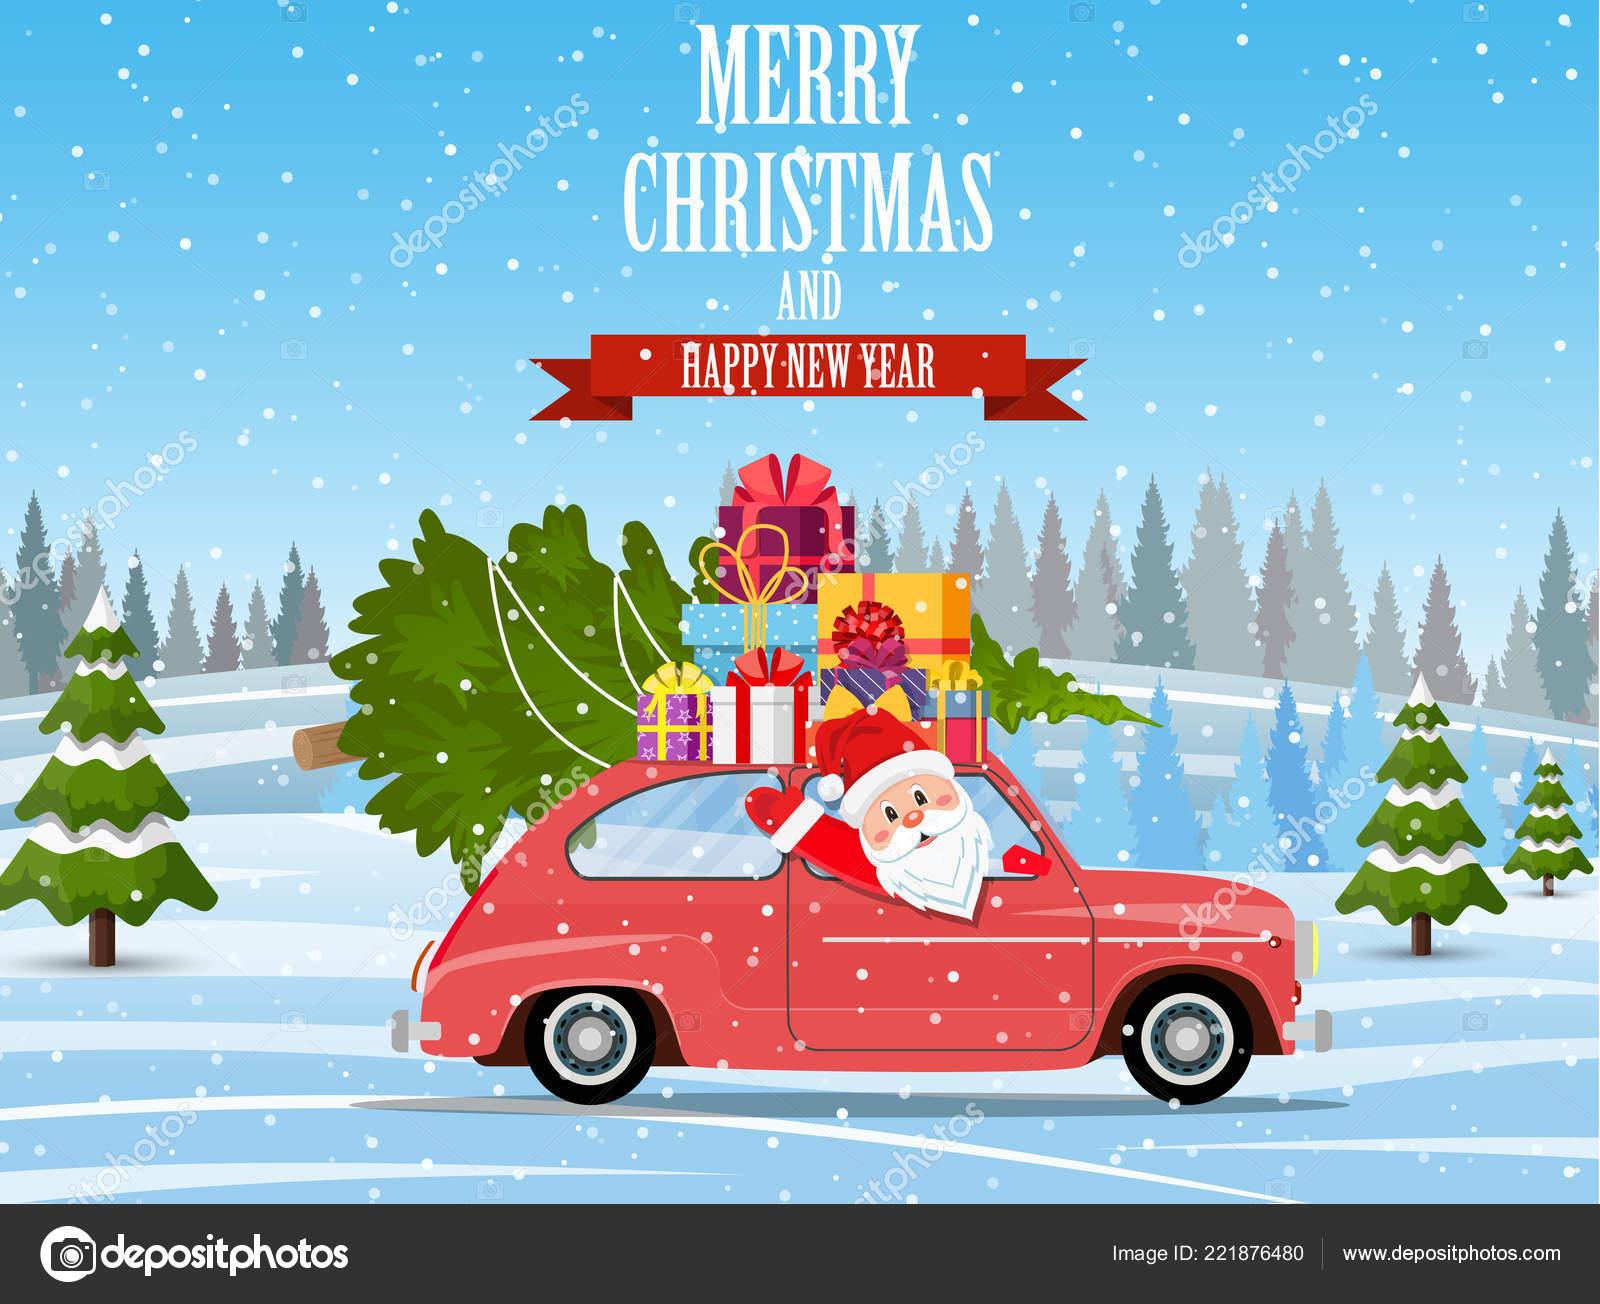 Auto Weihnachtsbaum.Retro Auto Mit Weihnachtsbaum Stockvektor Drogatnev 221876480